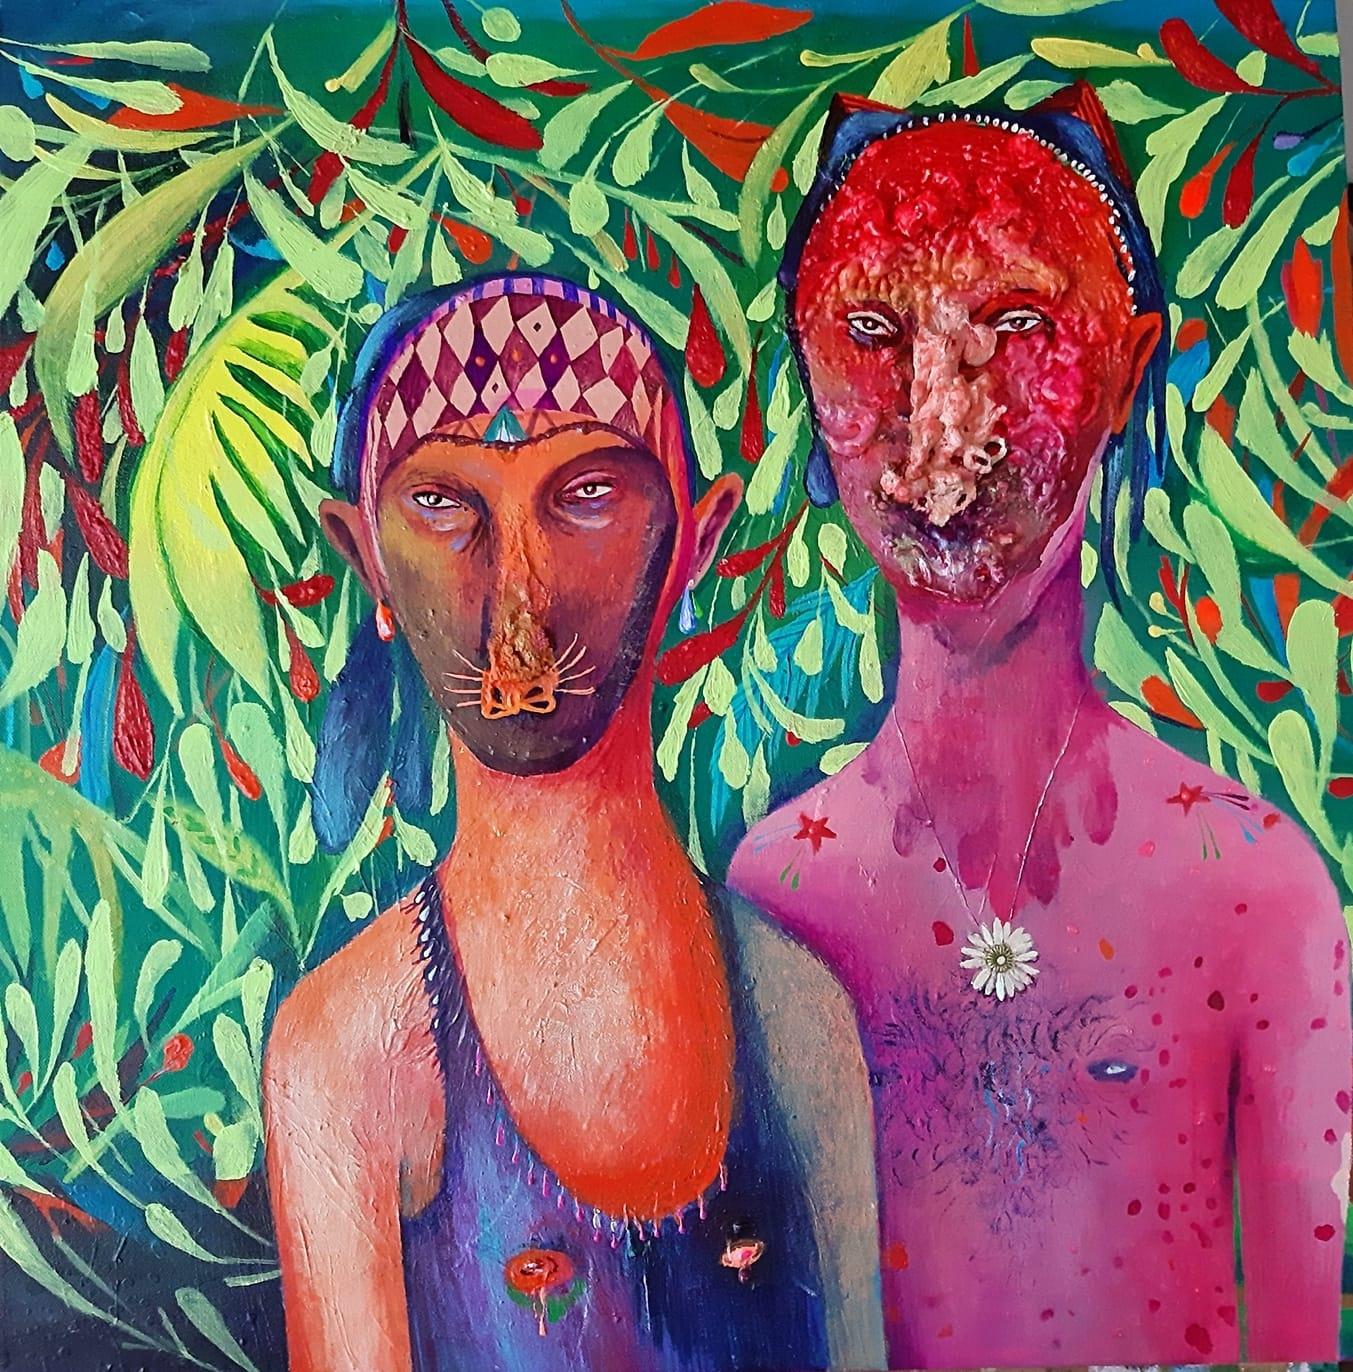 Silvia Mei, Il bosco è Federico, 2021, acrilico e tecnica mista su tela, 60x60cm